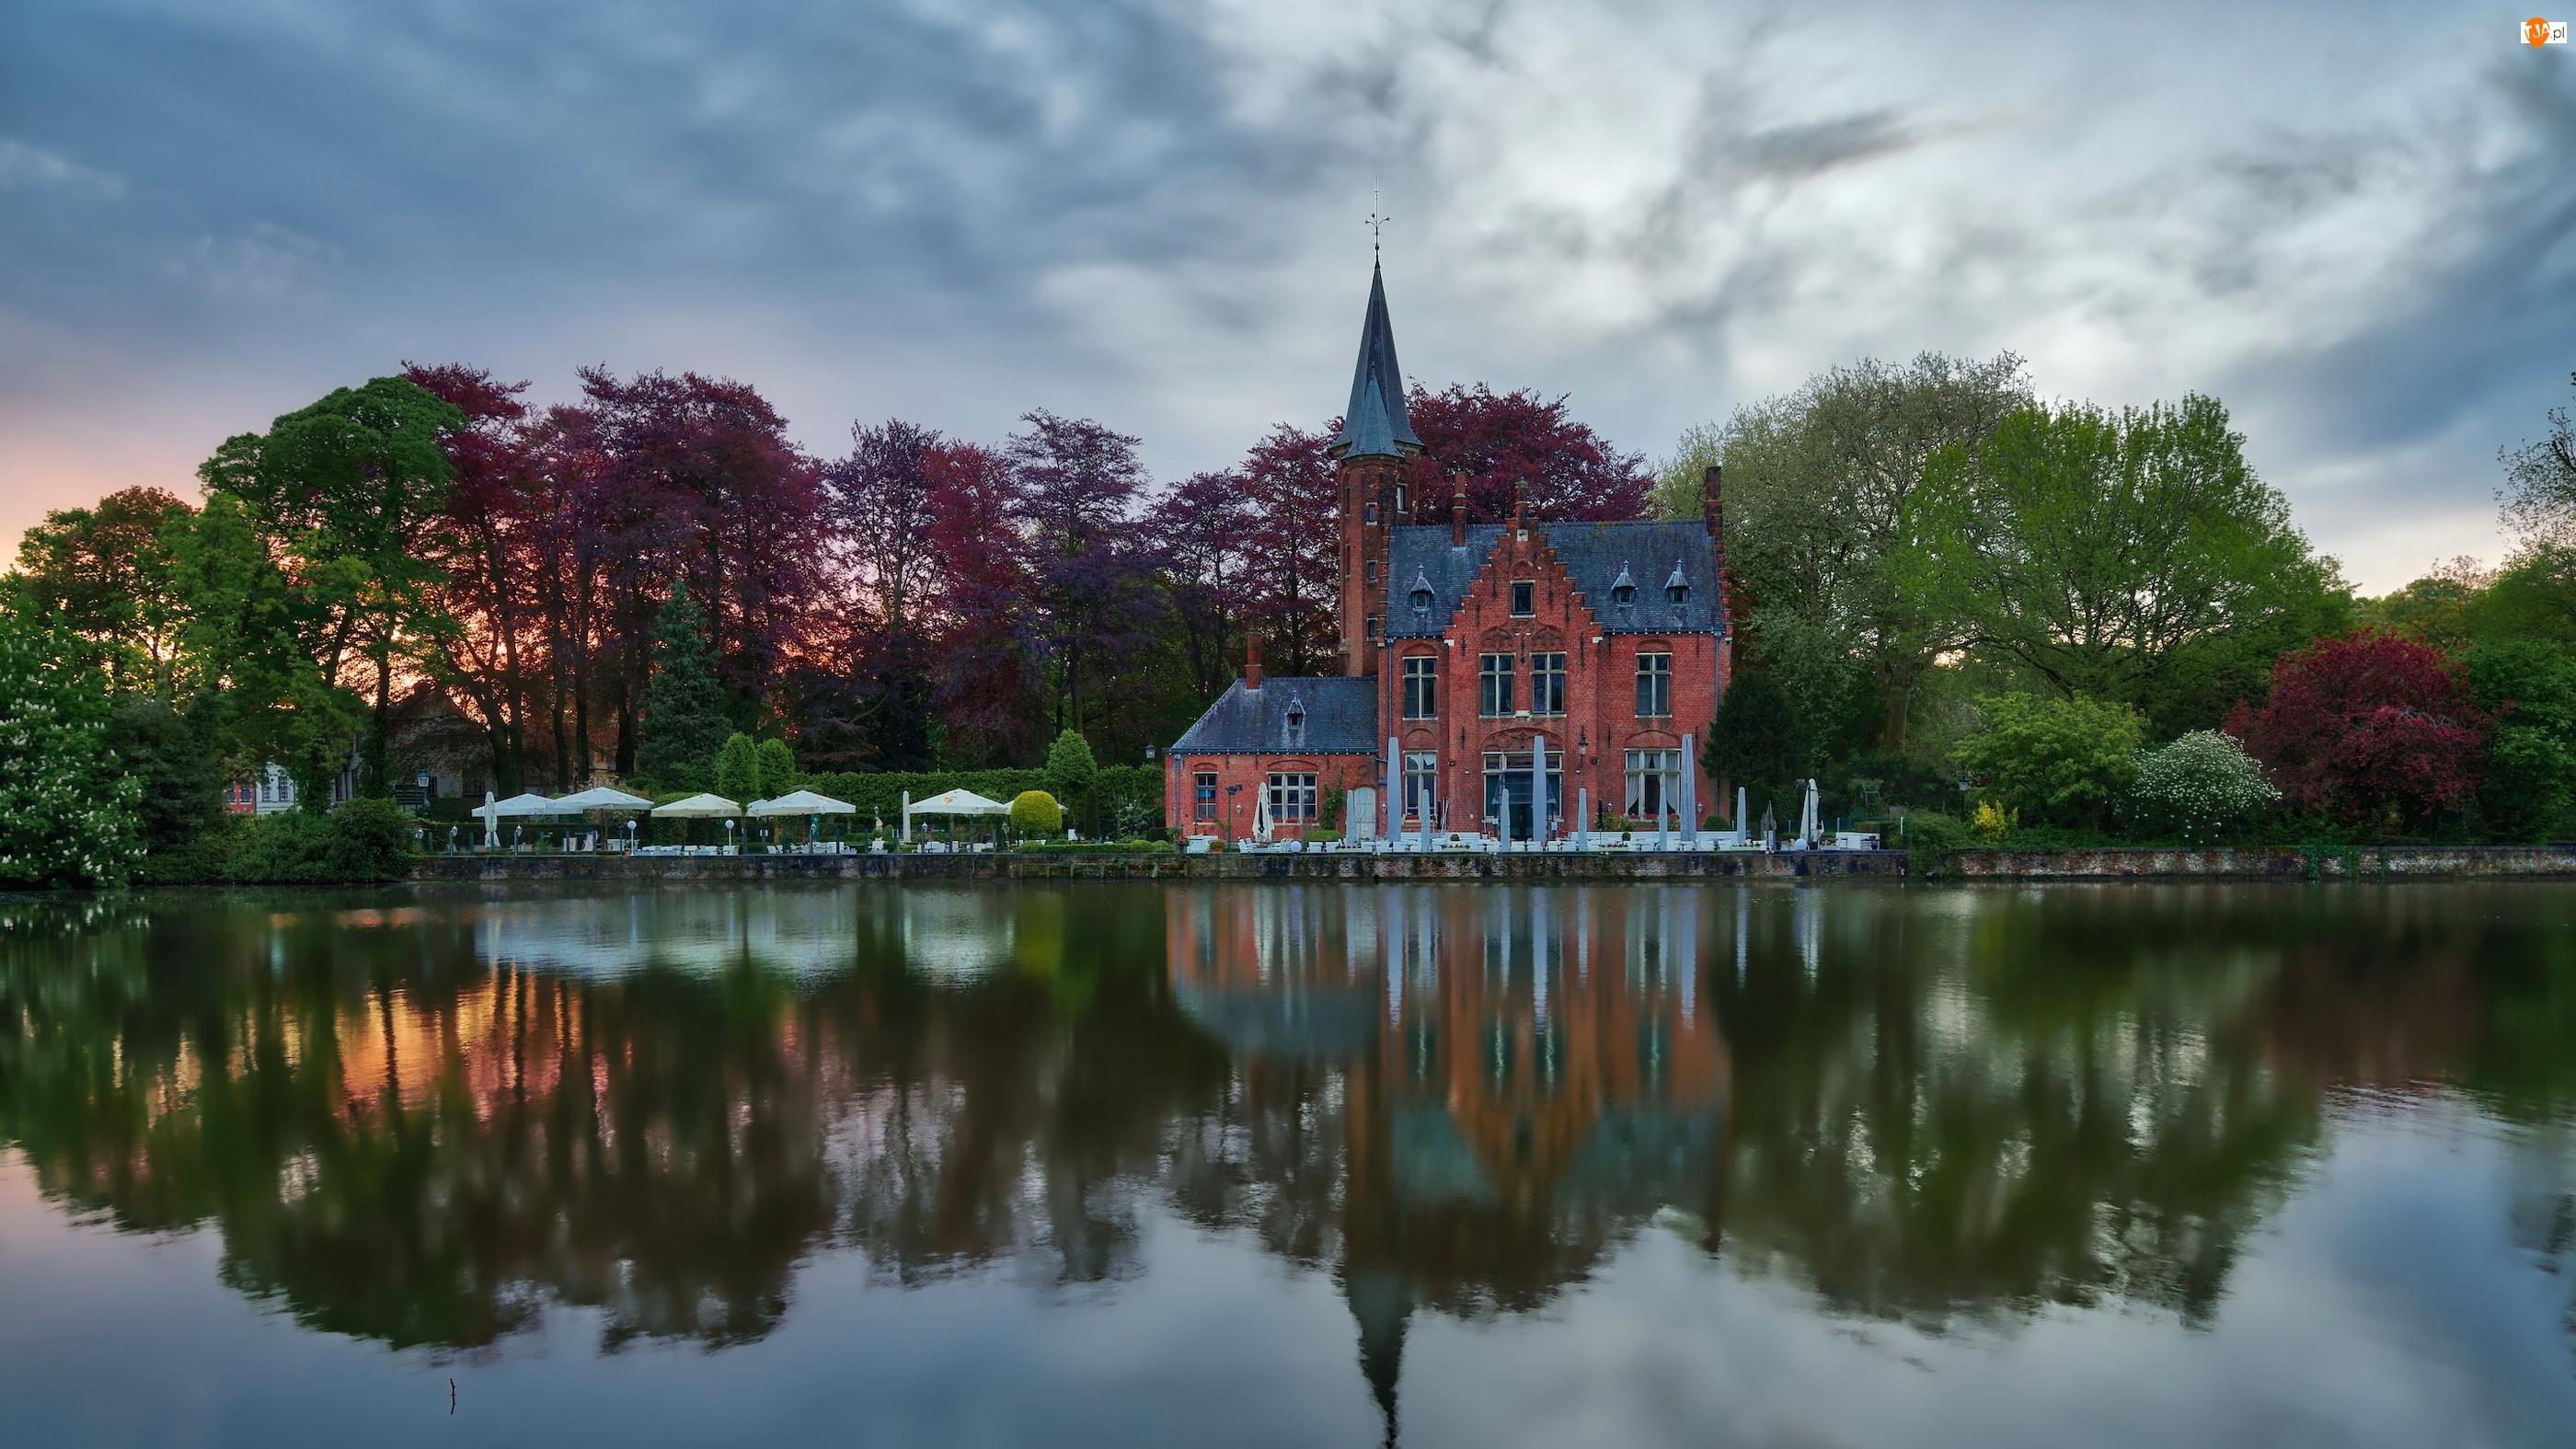 Dom, Restauracja Kasteel Minnewater, Jezioro Lake of Love, Belgia, Drzewa, Brugia